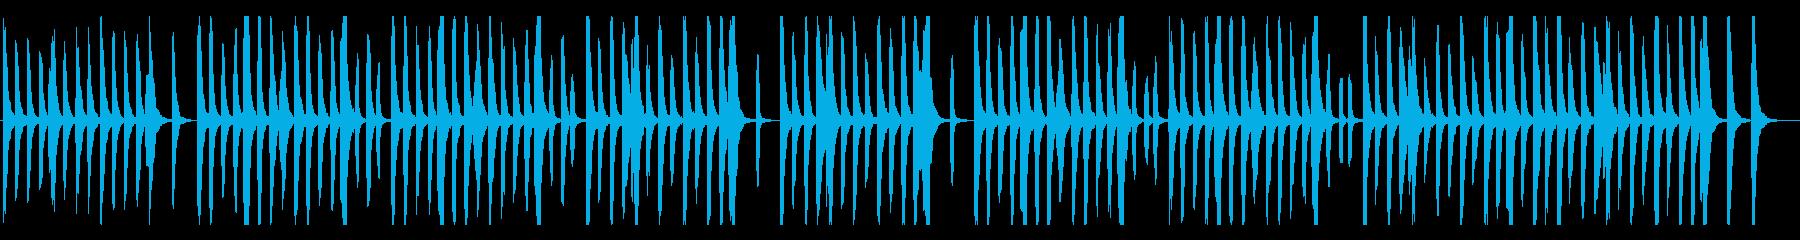 リコーダーとピアノのほのぼの系、子供bの再生済みの波形